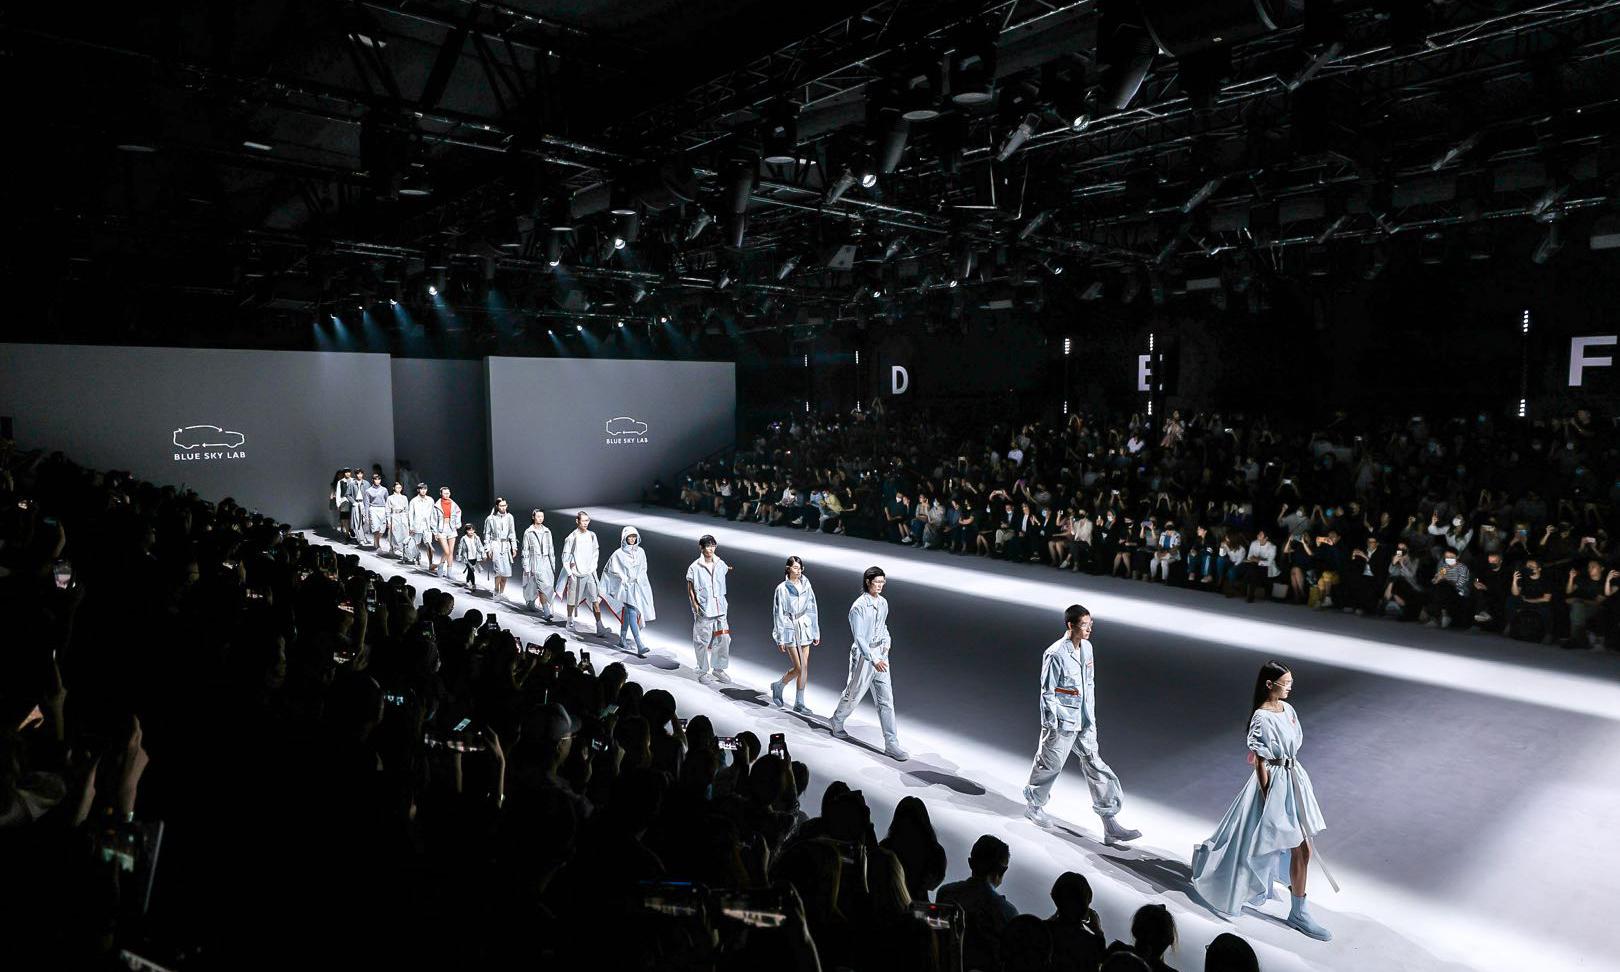 全新时尚环保品牌 BLUE SKY LAB 上海时装周全球首发